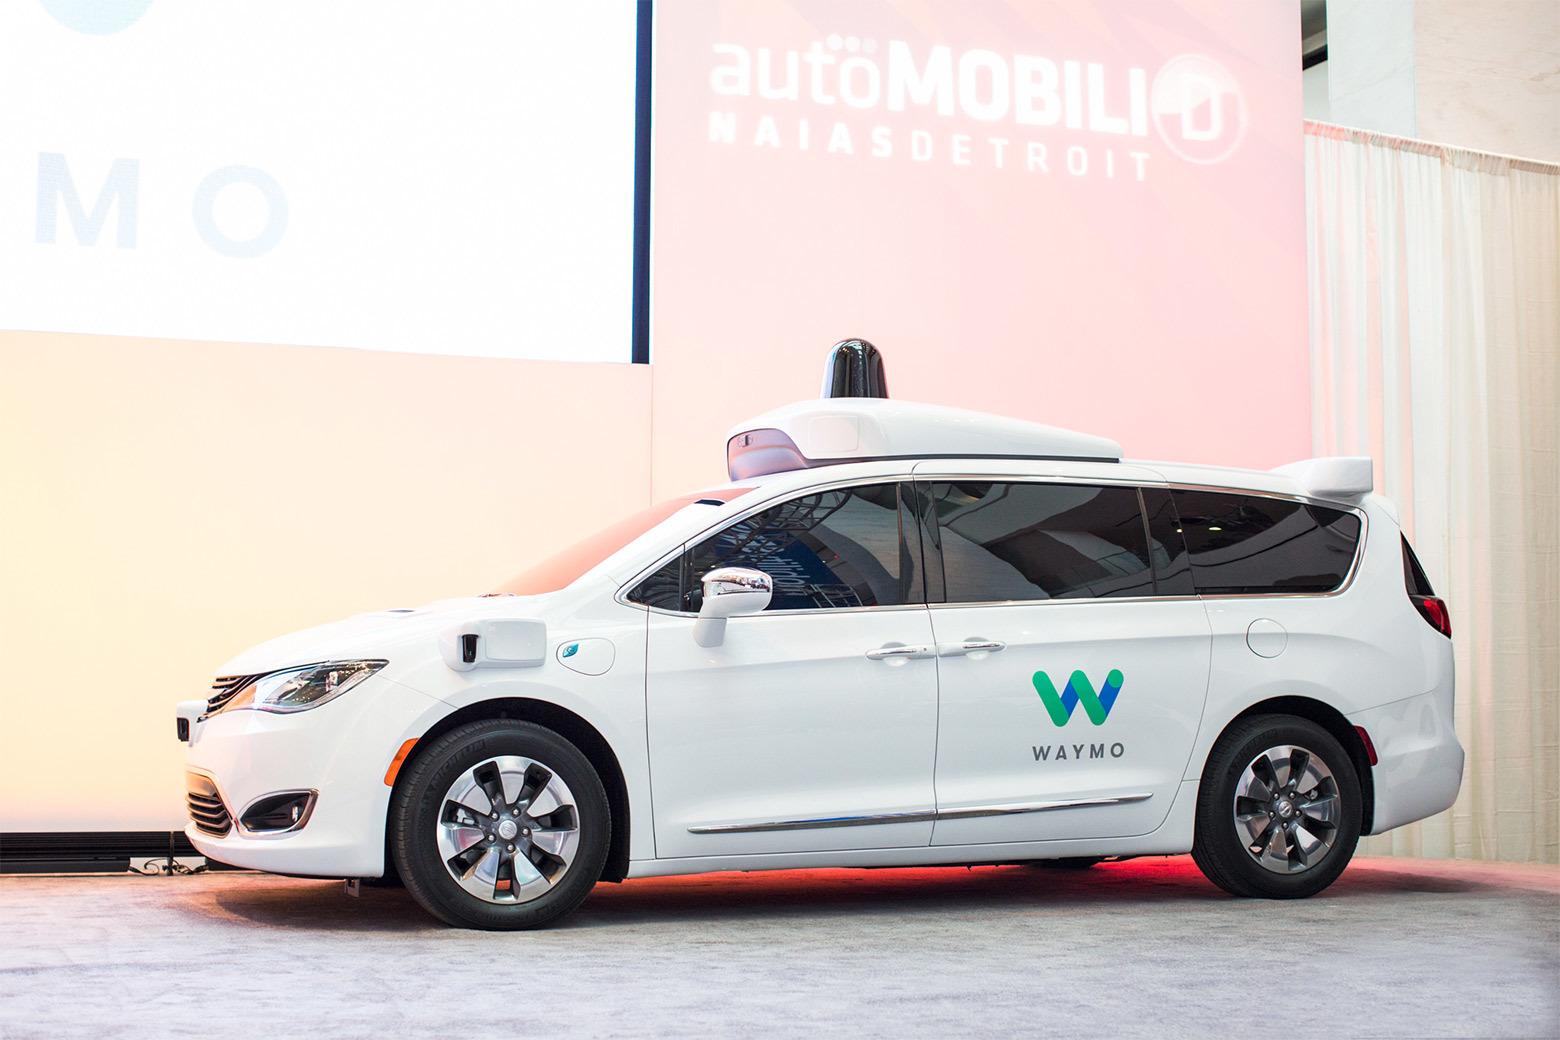 Waymo делает всю электронику для робоавтомобилей, лидары подешевели в 10 раз - 1